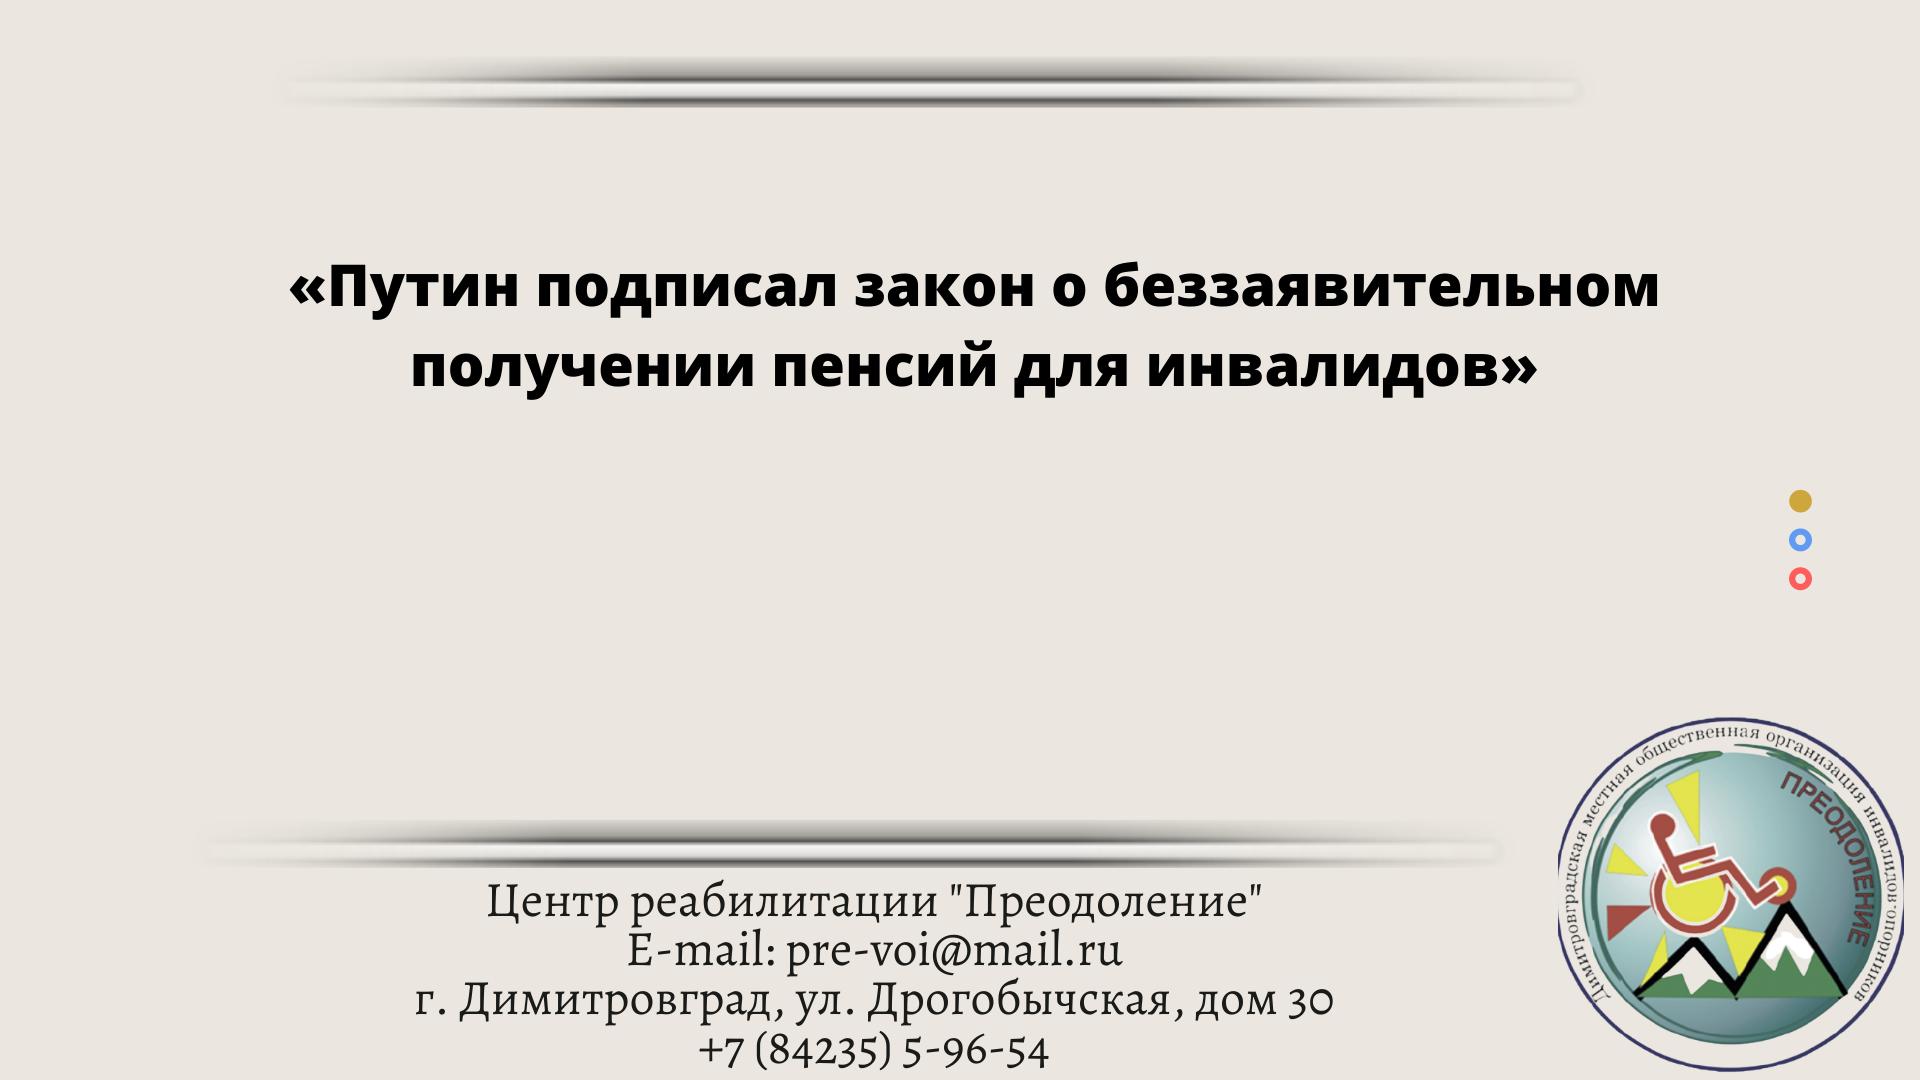 «Путин подписал закон о беззаявительном получении пенсий для инвалидов»